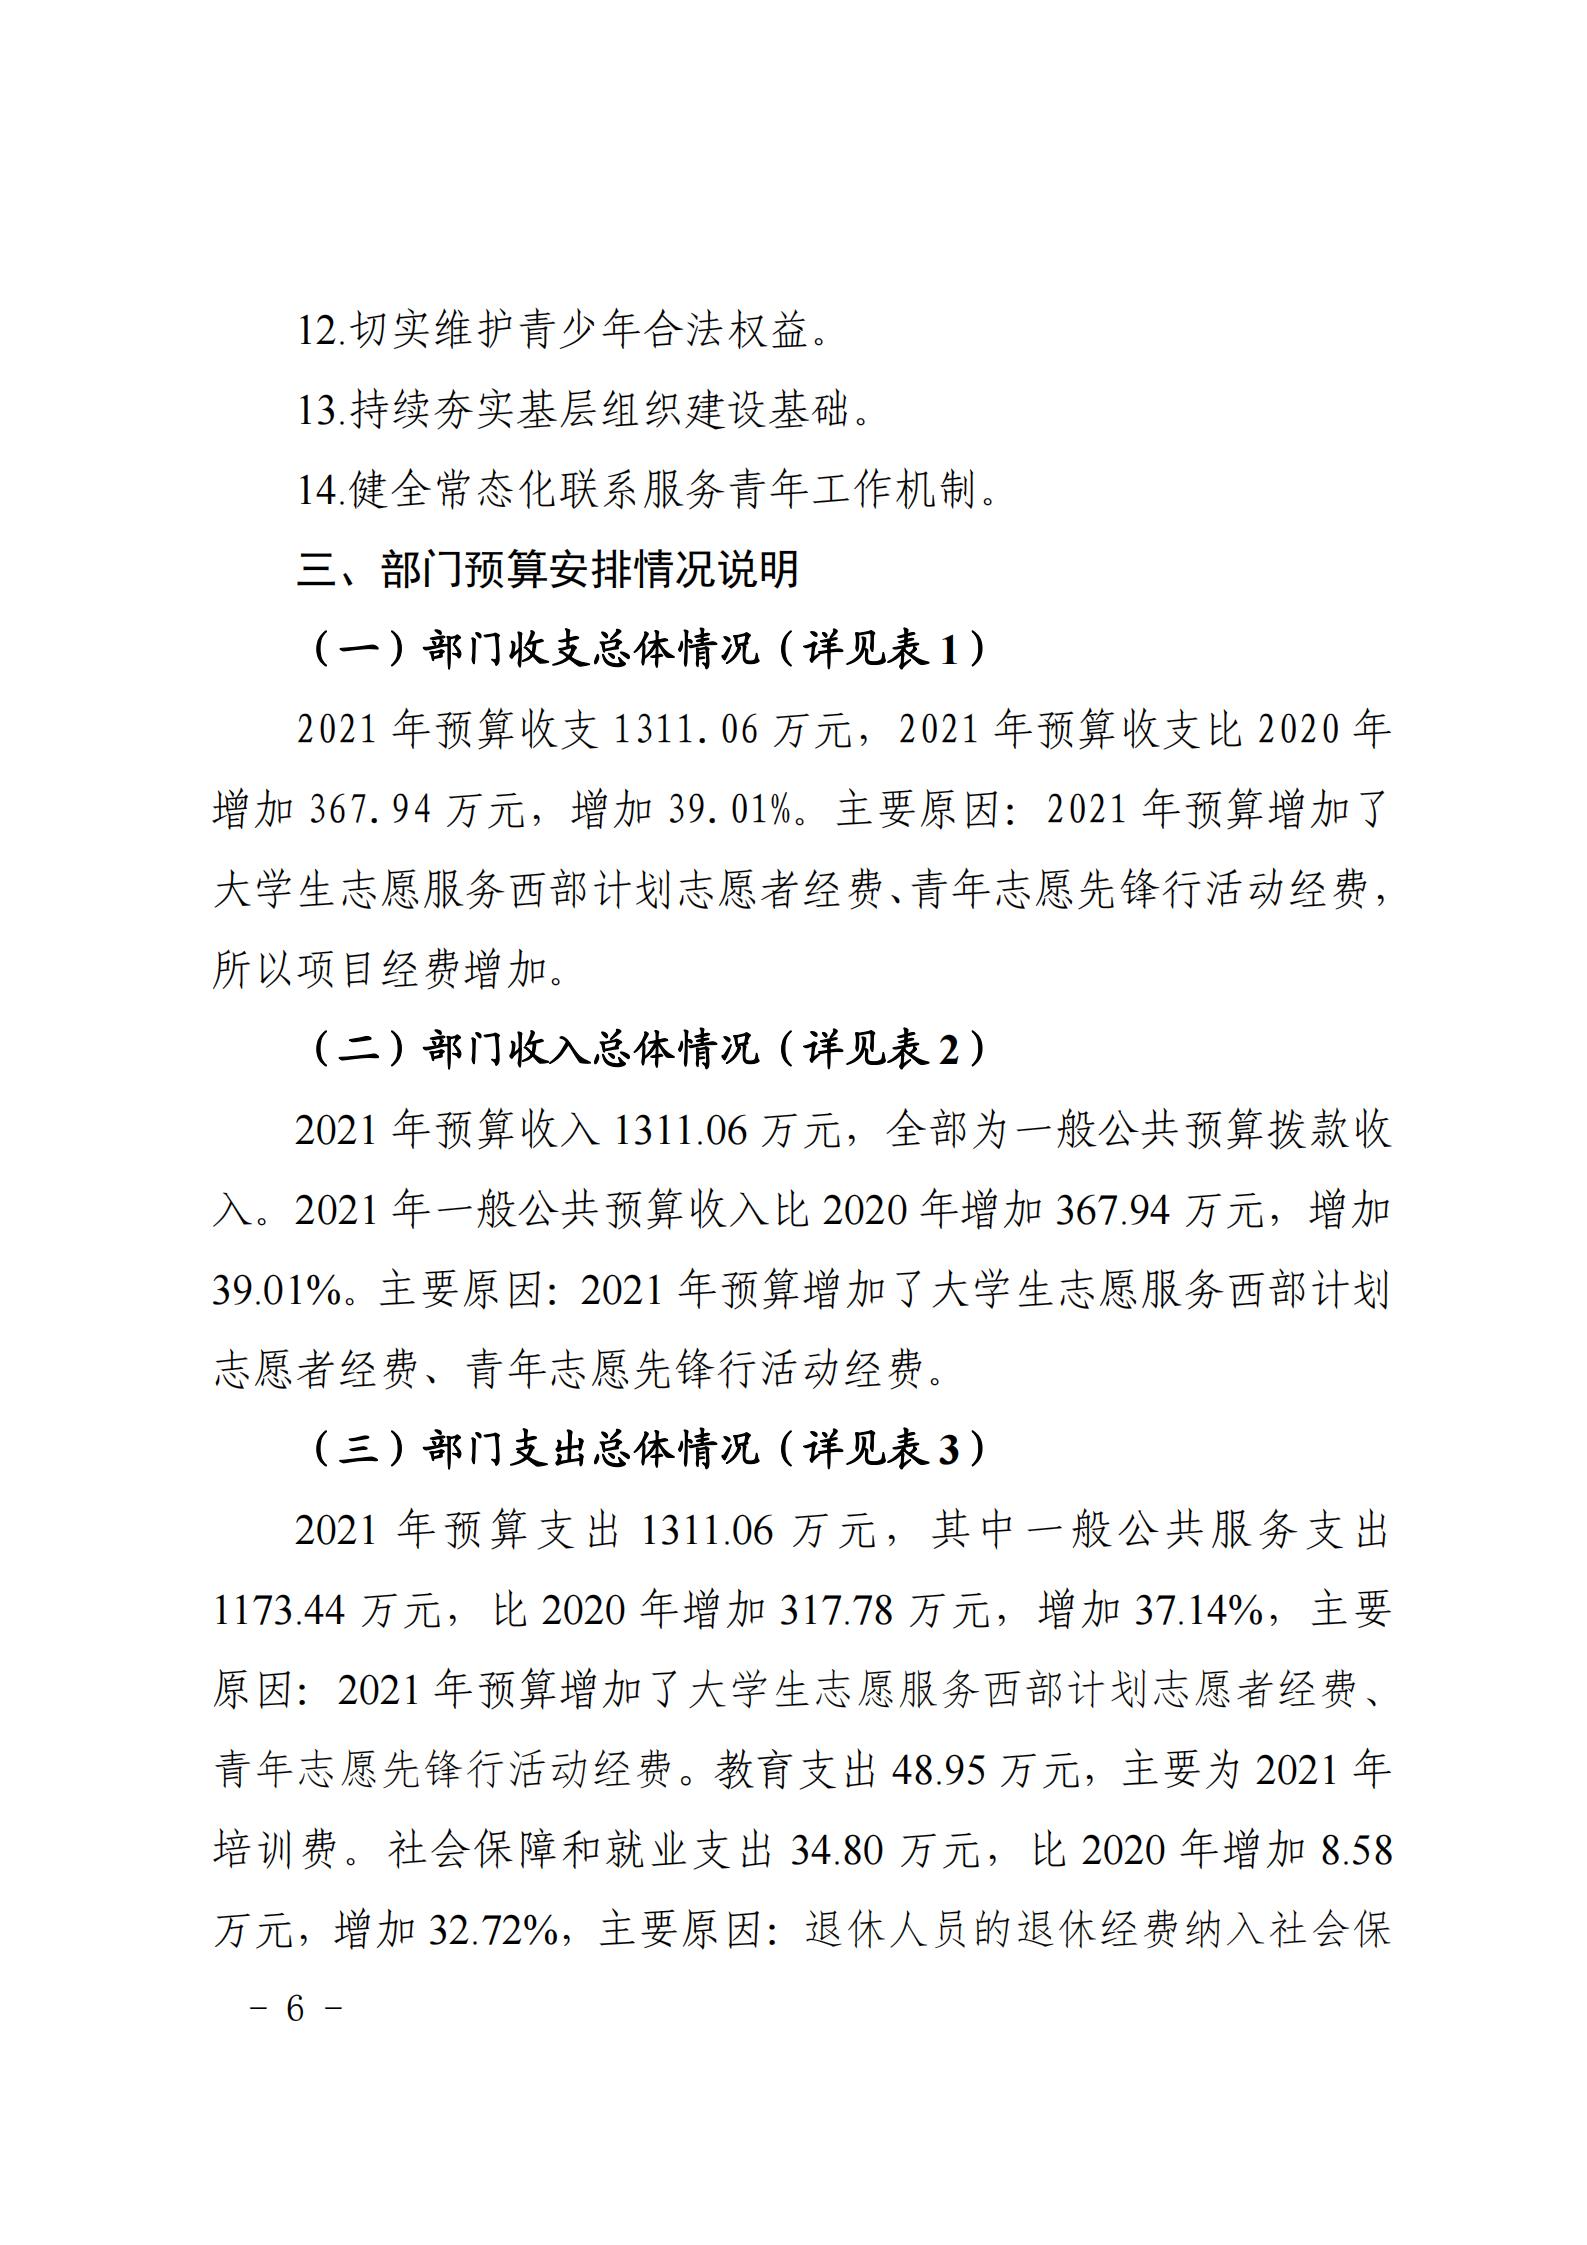 """共青团贵阳市委(本级)2021年度市级部门预算、""""三公""""经费预算公开说明(1)_05.png"""